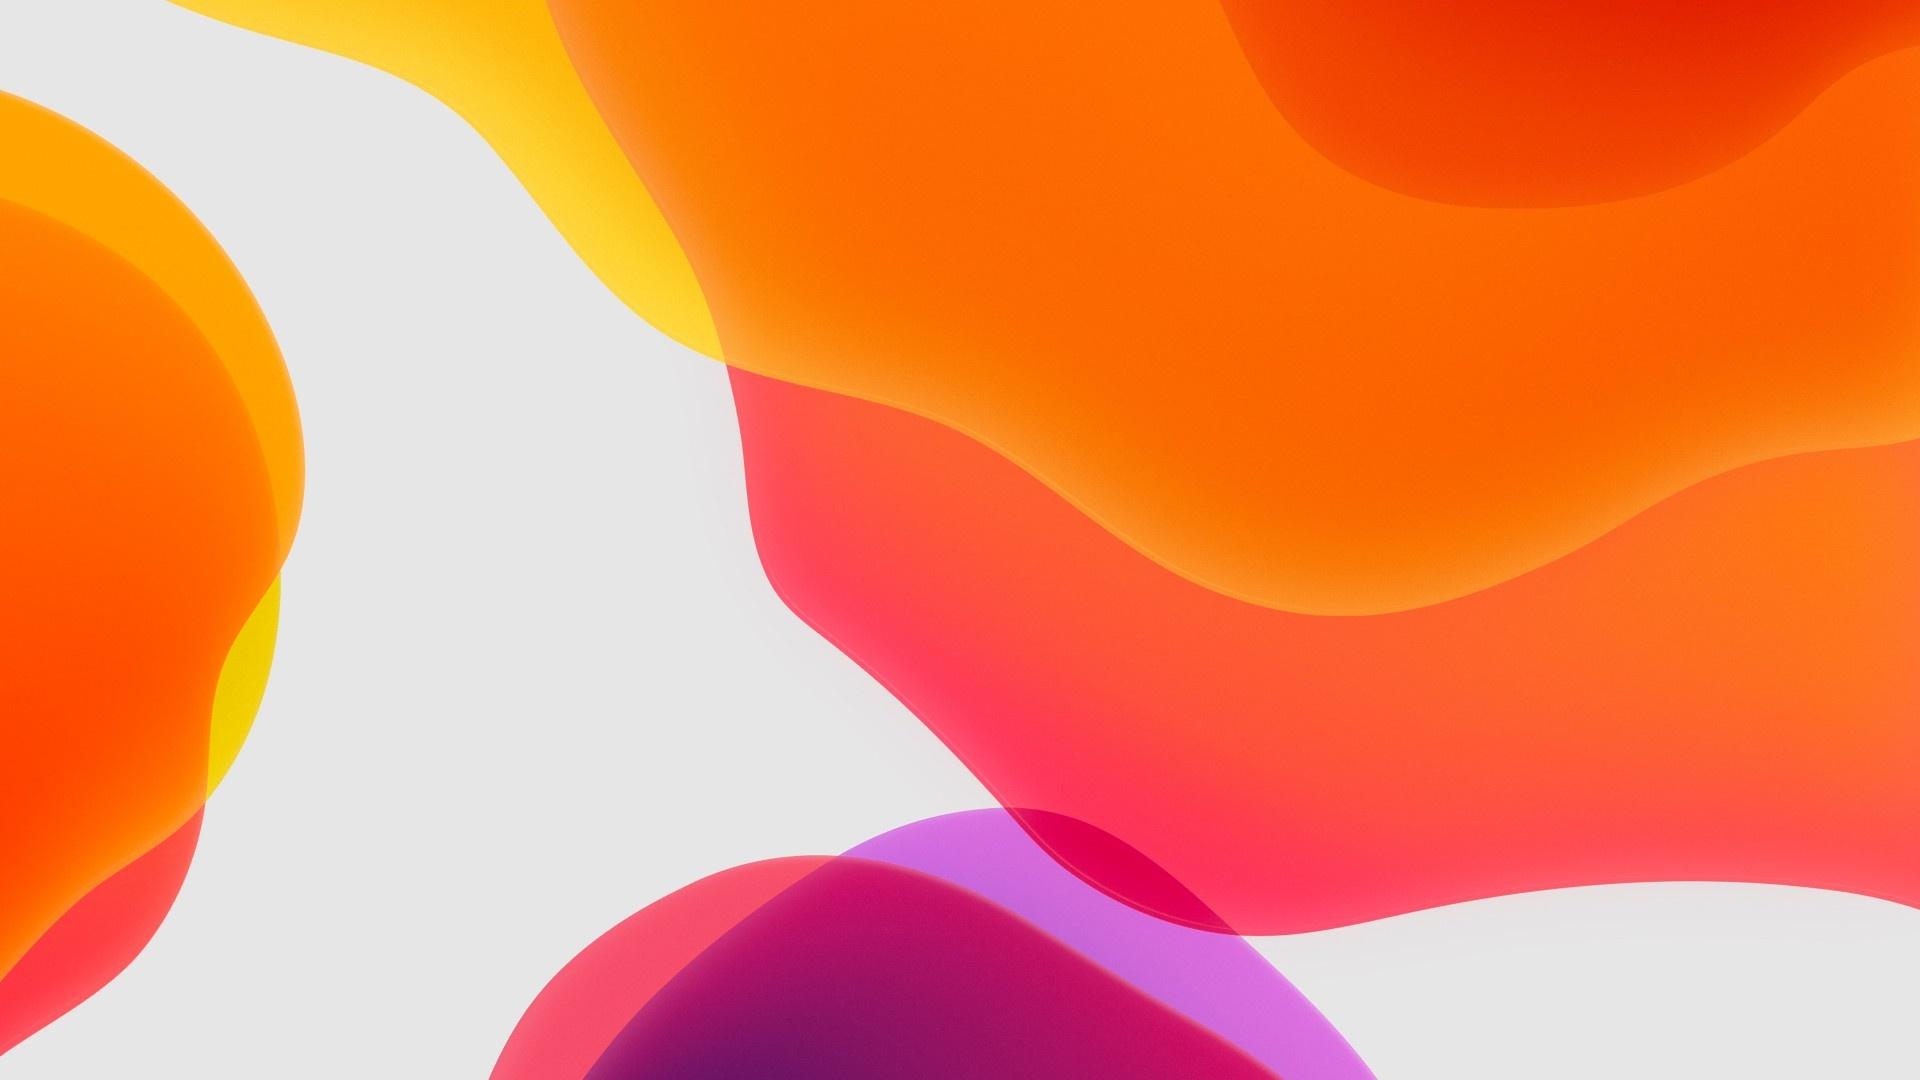 Ios 13 Liquid windows background